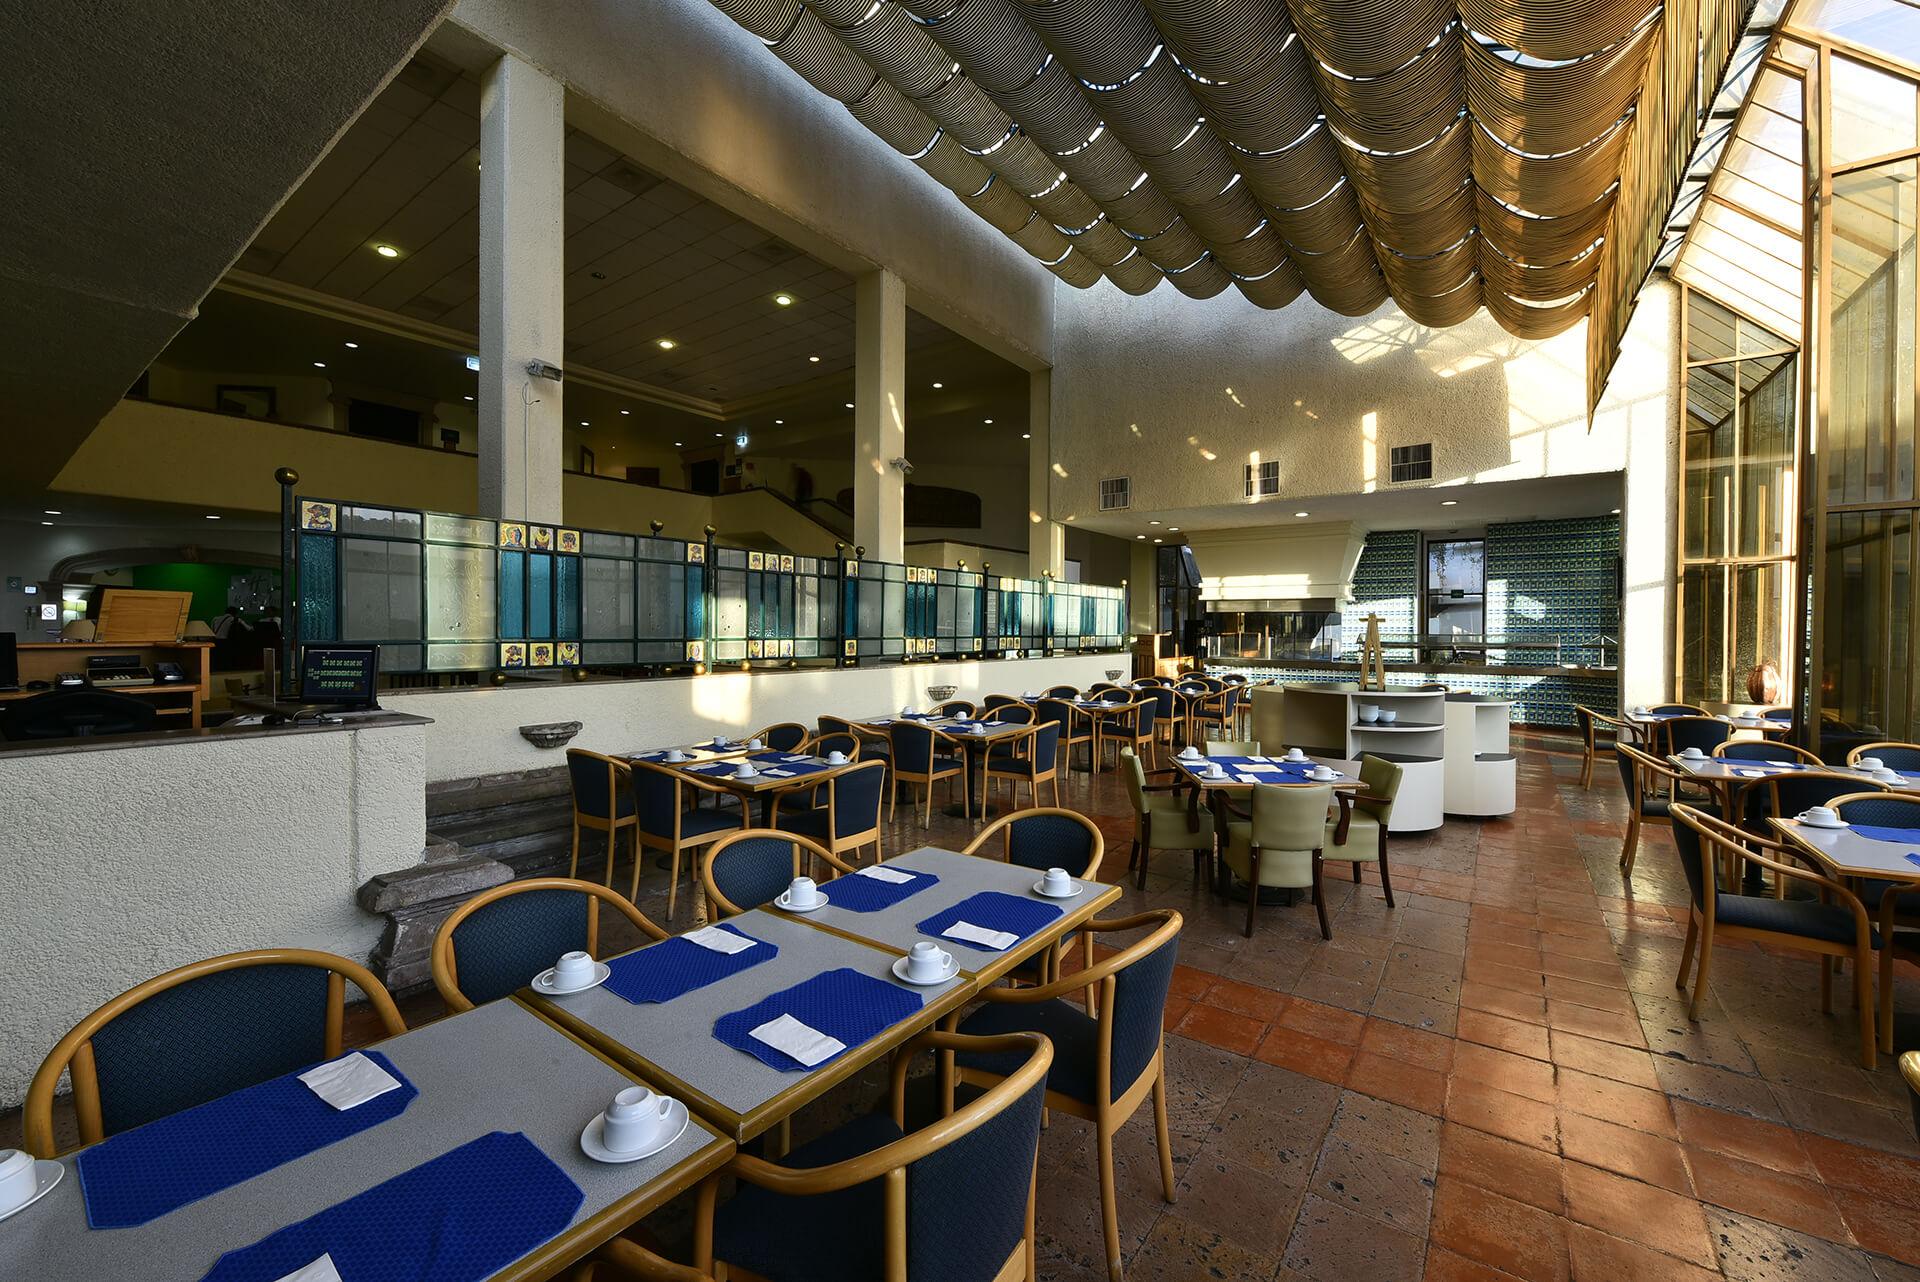 Holiday Inn Morelia - Imagen 4